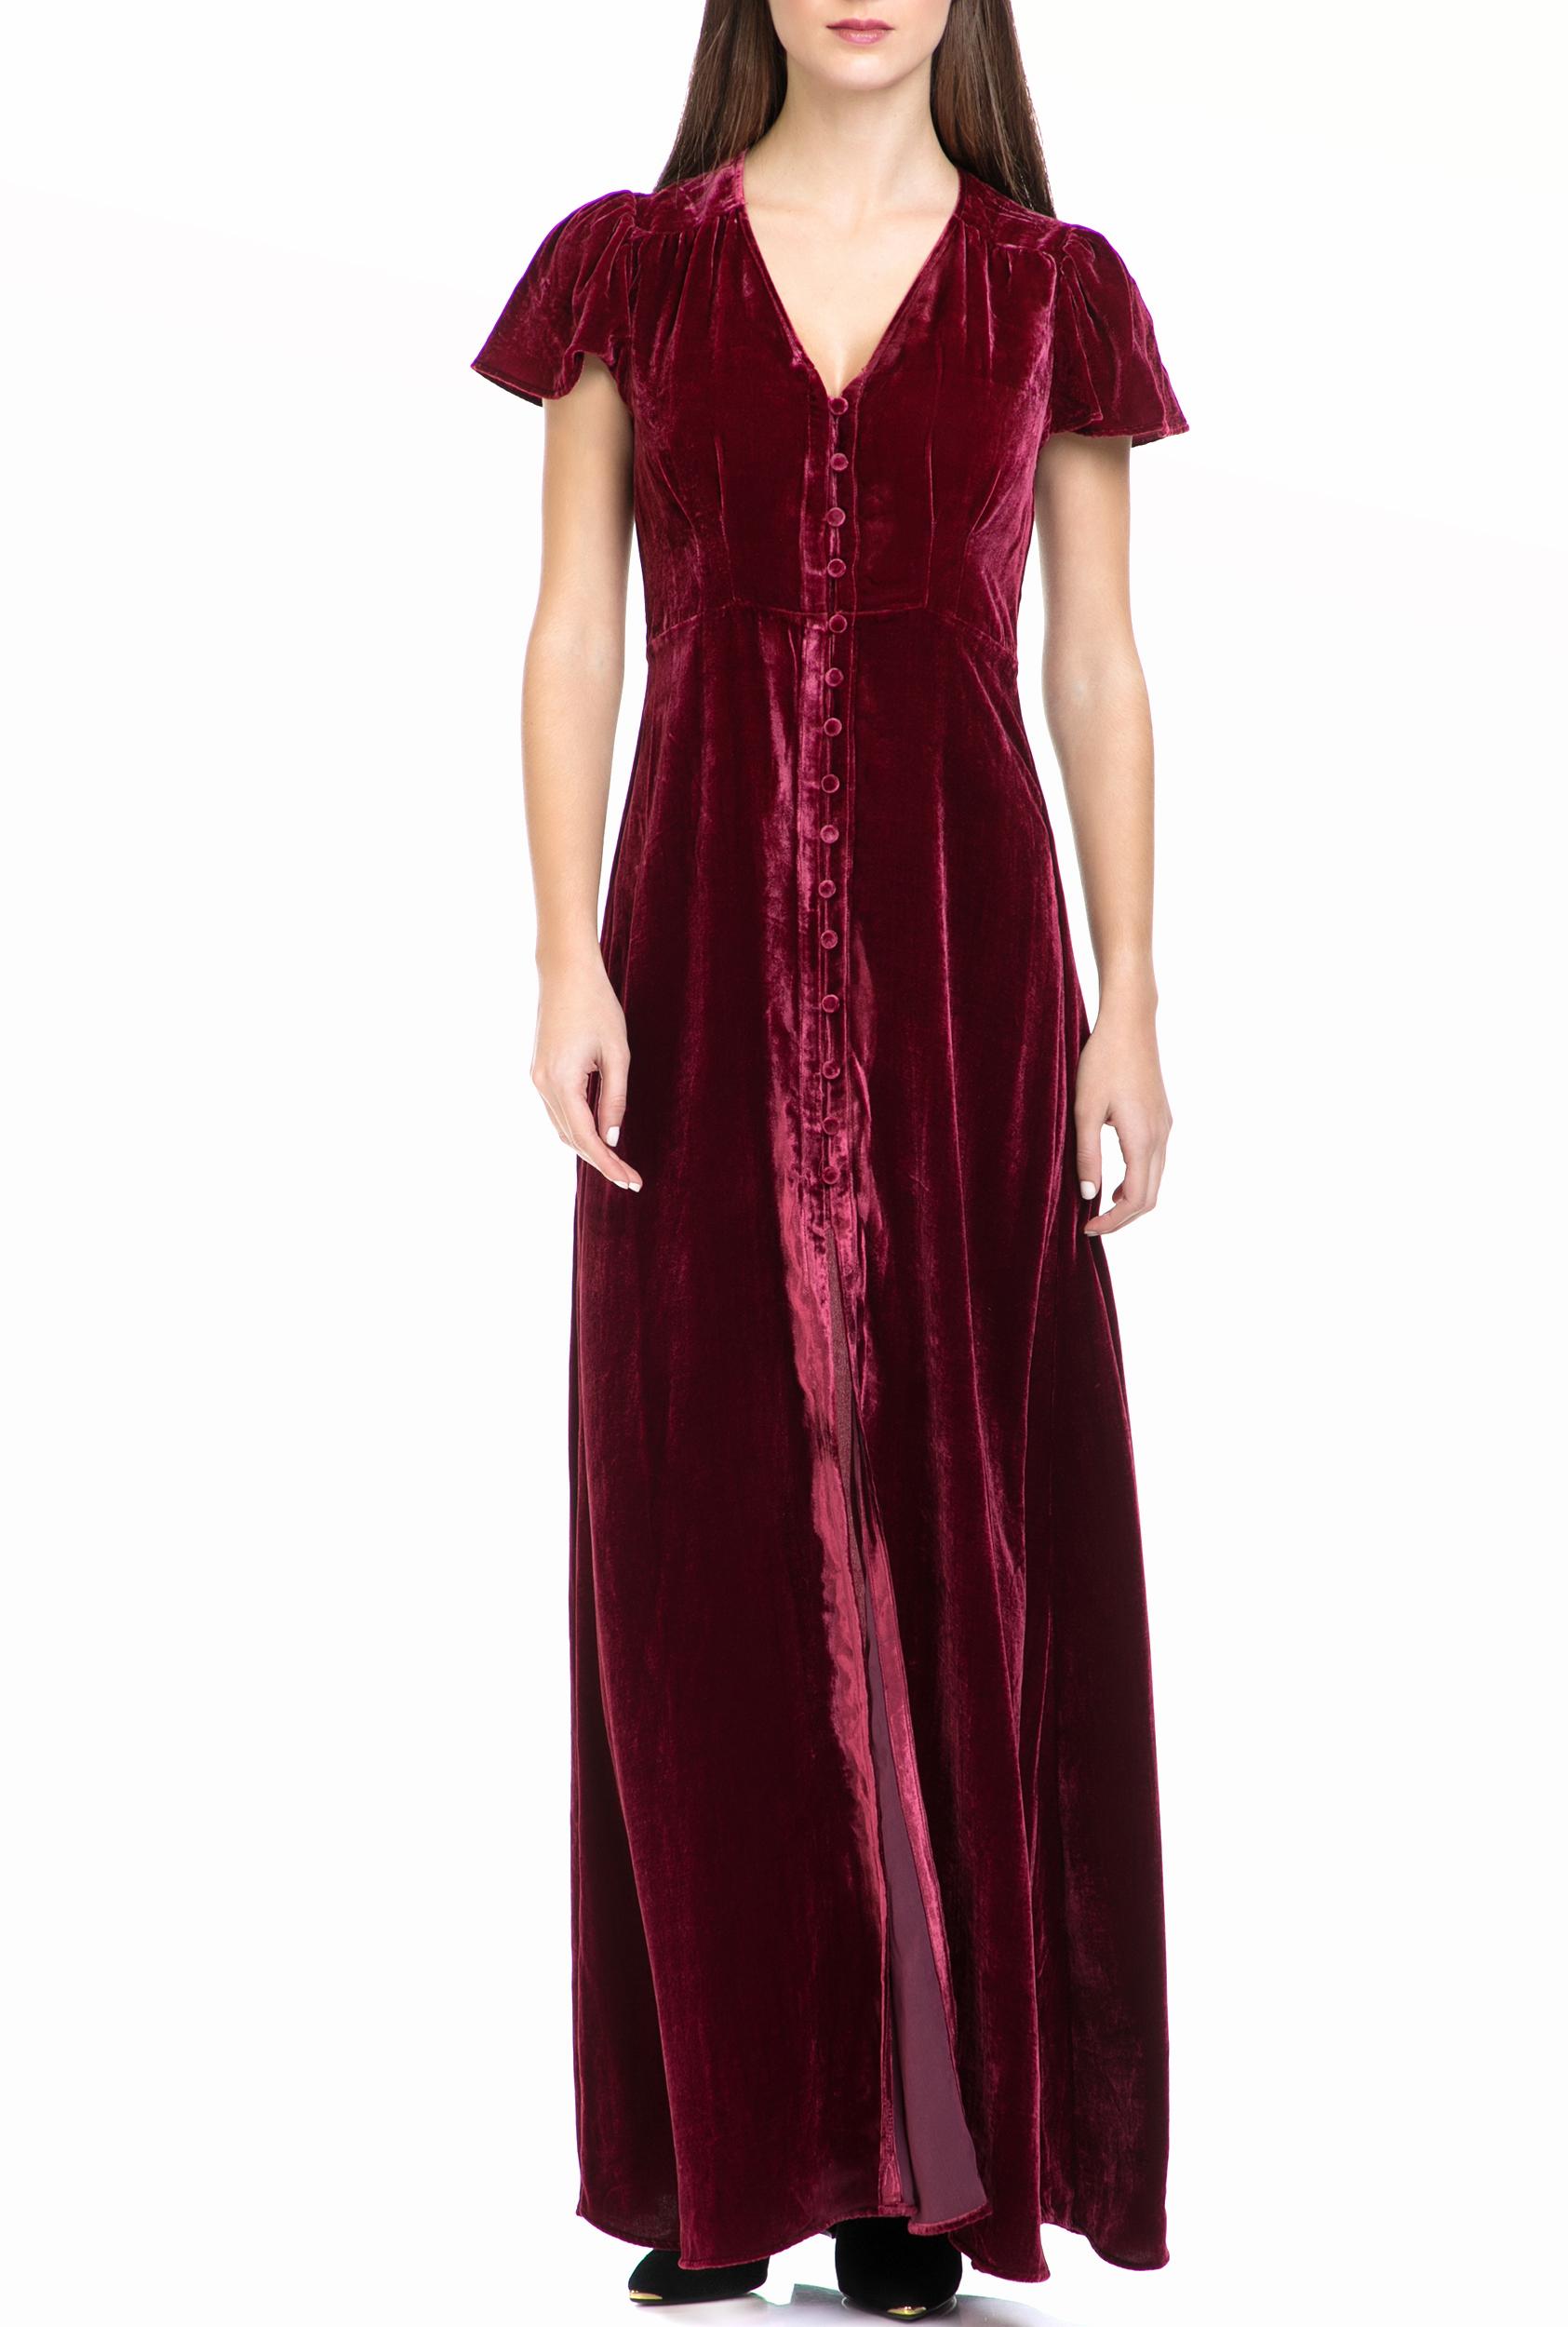 Γυναικεία Βελούδινα Φορέματα Online - Κορυφαία προϊόντα  7fdb8801551